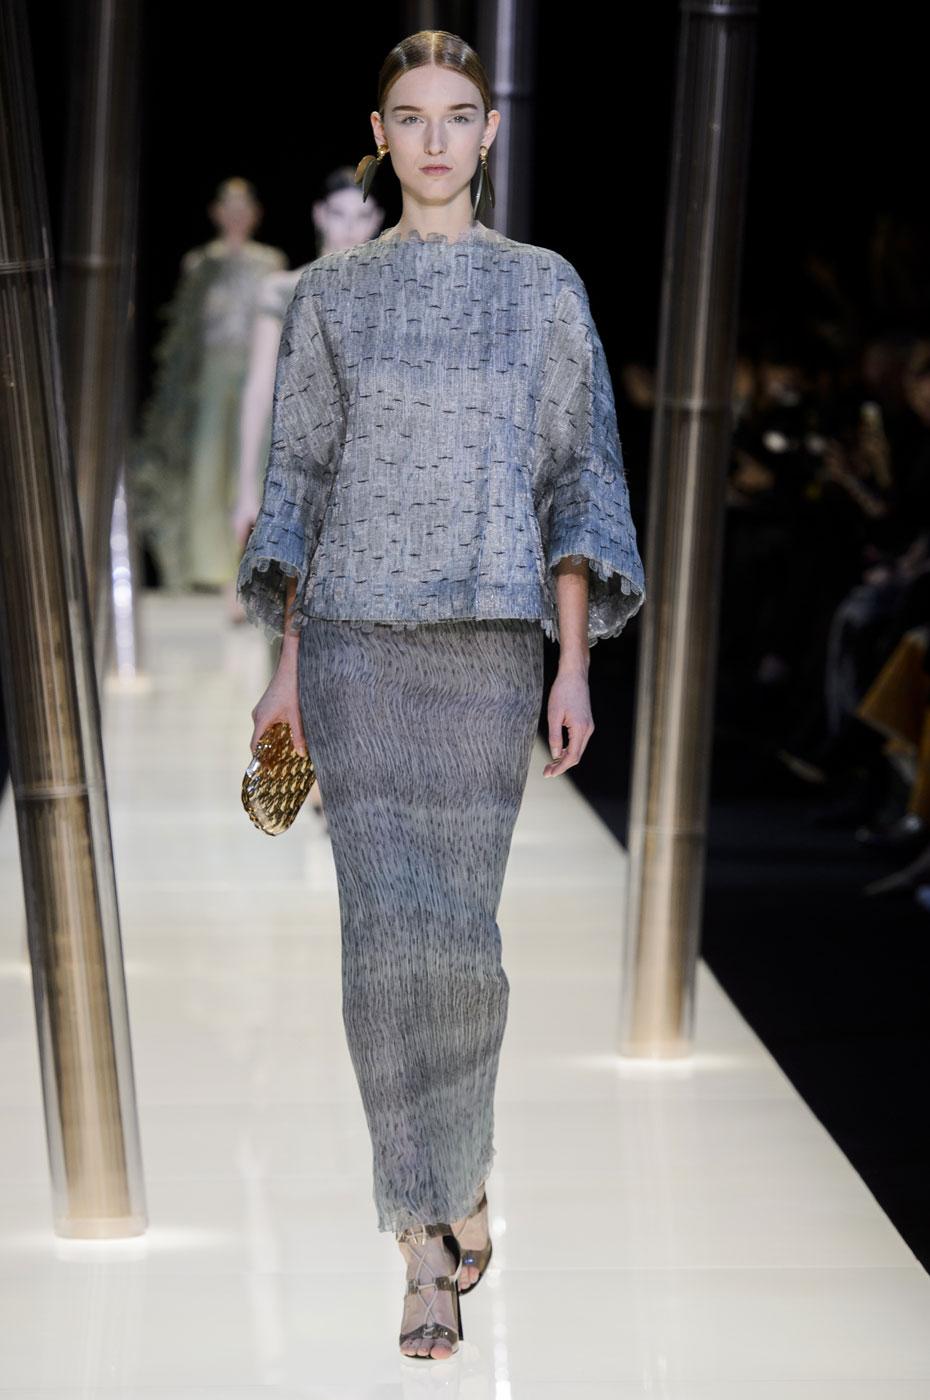 Giorgio-armani-Prive-fashion-runway-show-haute-couture-paris-spring-2015-the-impression-043